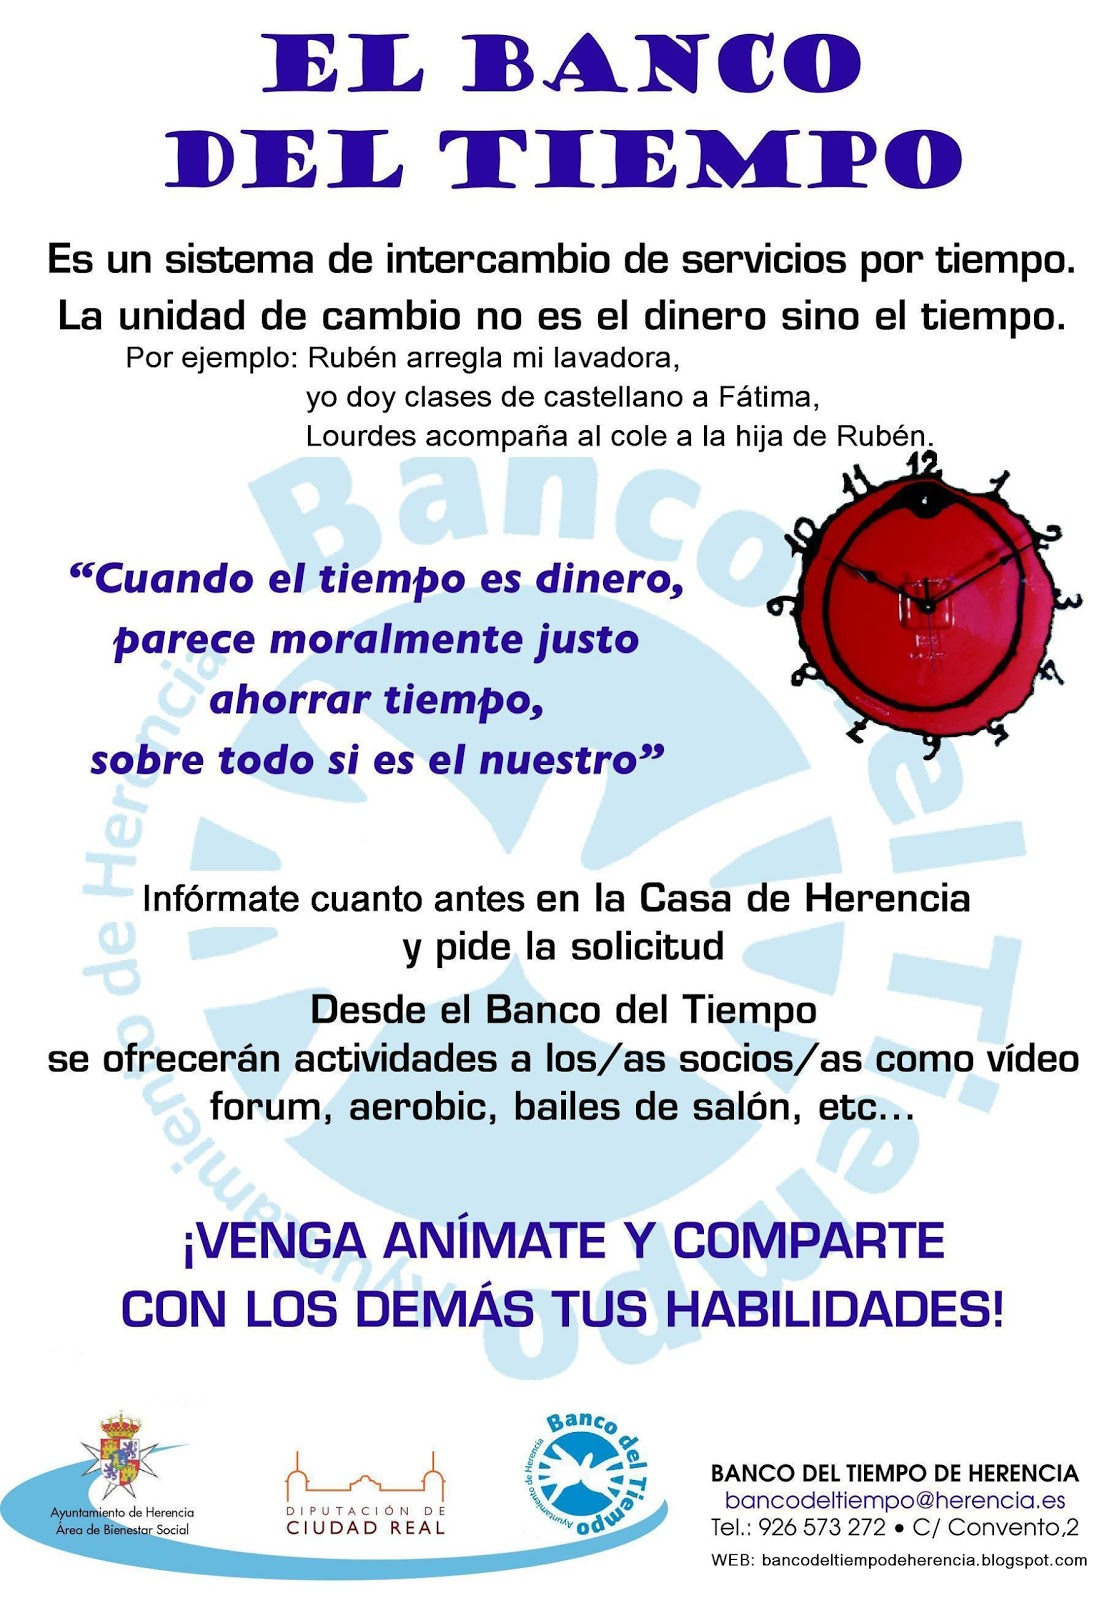 BANCO DEL TIEMPO DE HERENCIA: 2011